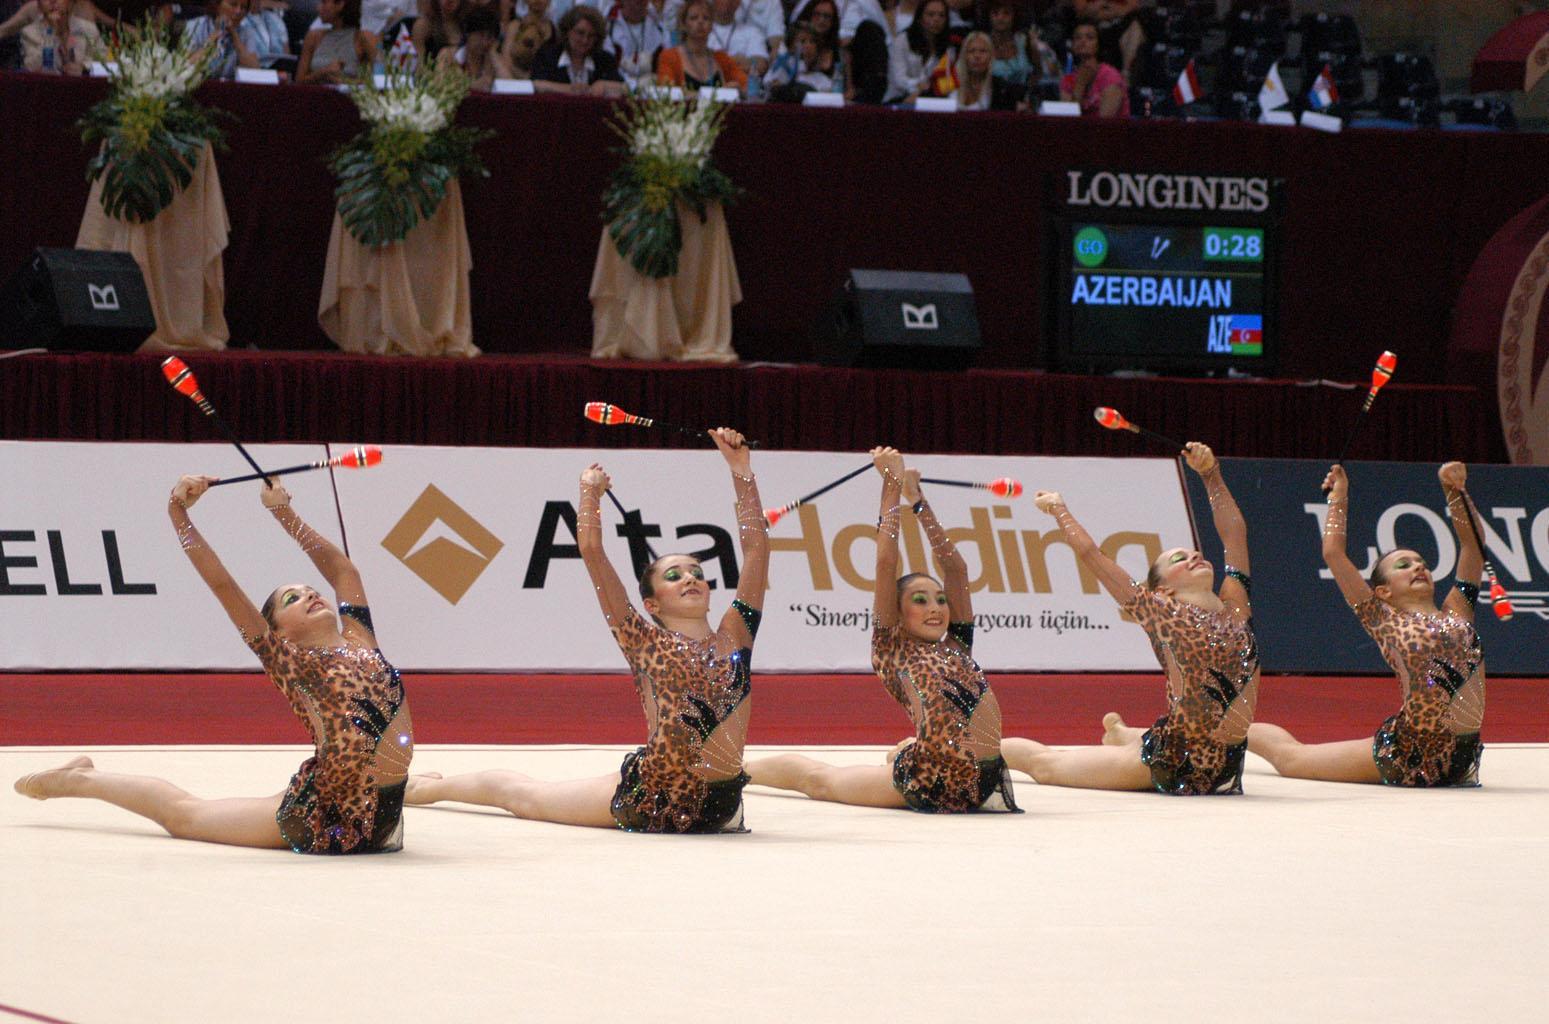 Gimnastika Kompleksinin təməli qoyuldu - Foto 1